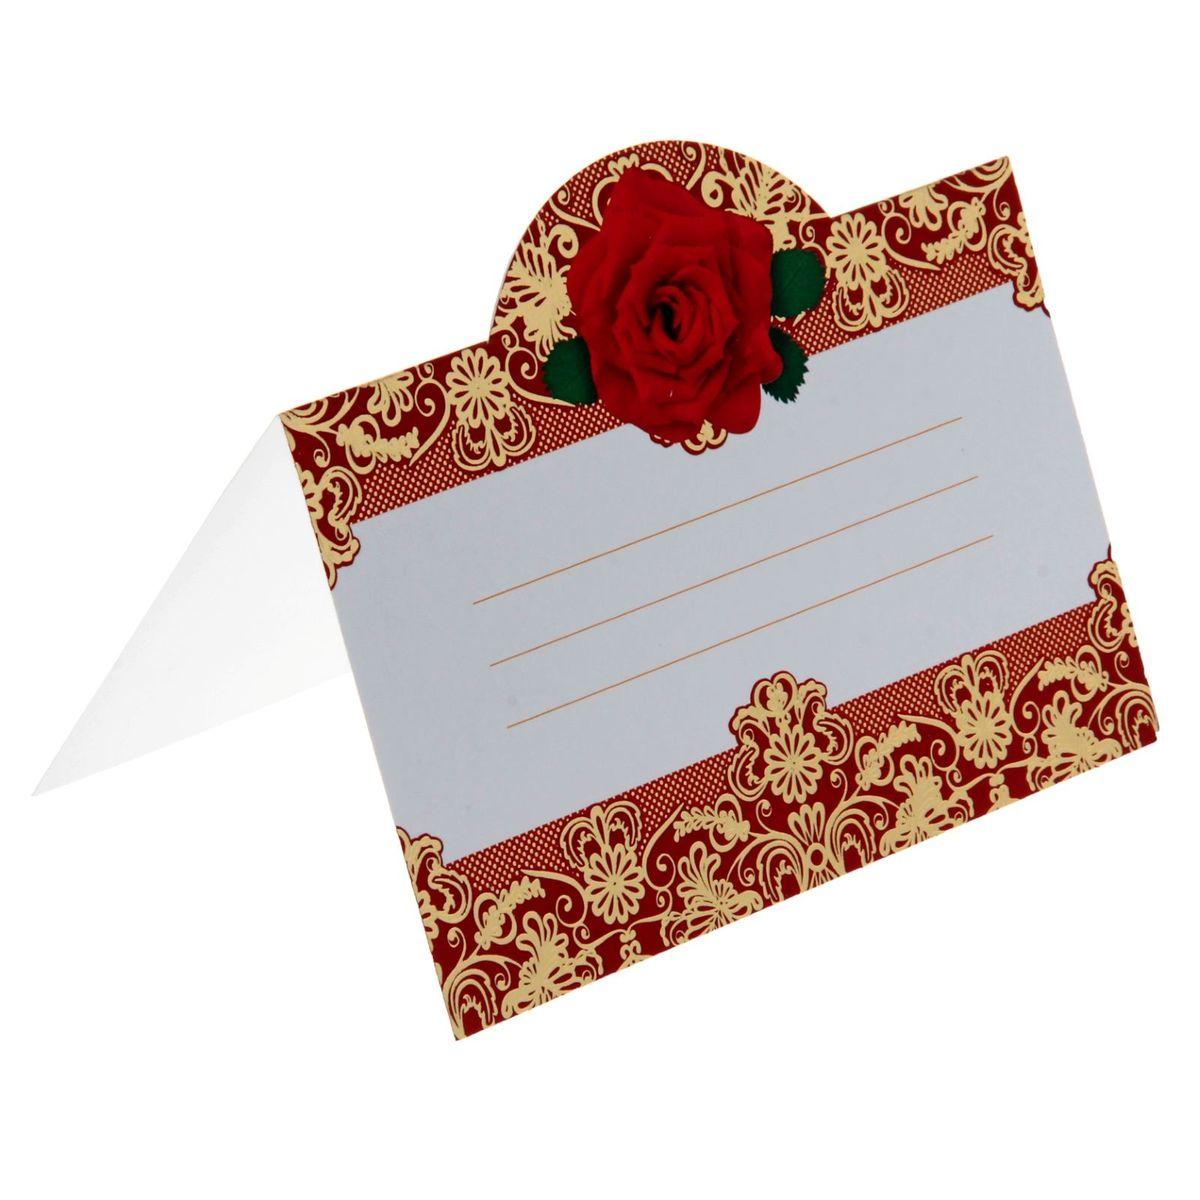 Банкетная карточка Русский дизайн, цвет: красный, белый, золотой801361Красиво оформленный свадебный стол — это эффектное, неординарное и очень значимое обрамление для проведения любого запланированного вами торжества. Банкетная карточка Русский дизайн — это красивое и оригинальное украшение зала, которое дополнит выдержанный стиль мероприятия и передаст праздничное настроение вам и вашим гостям.